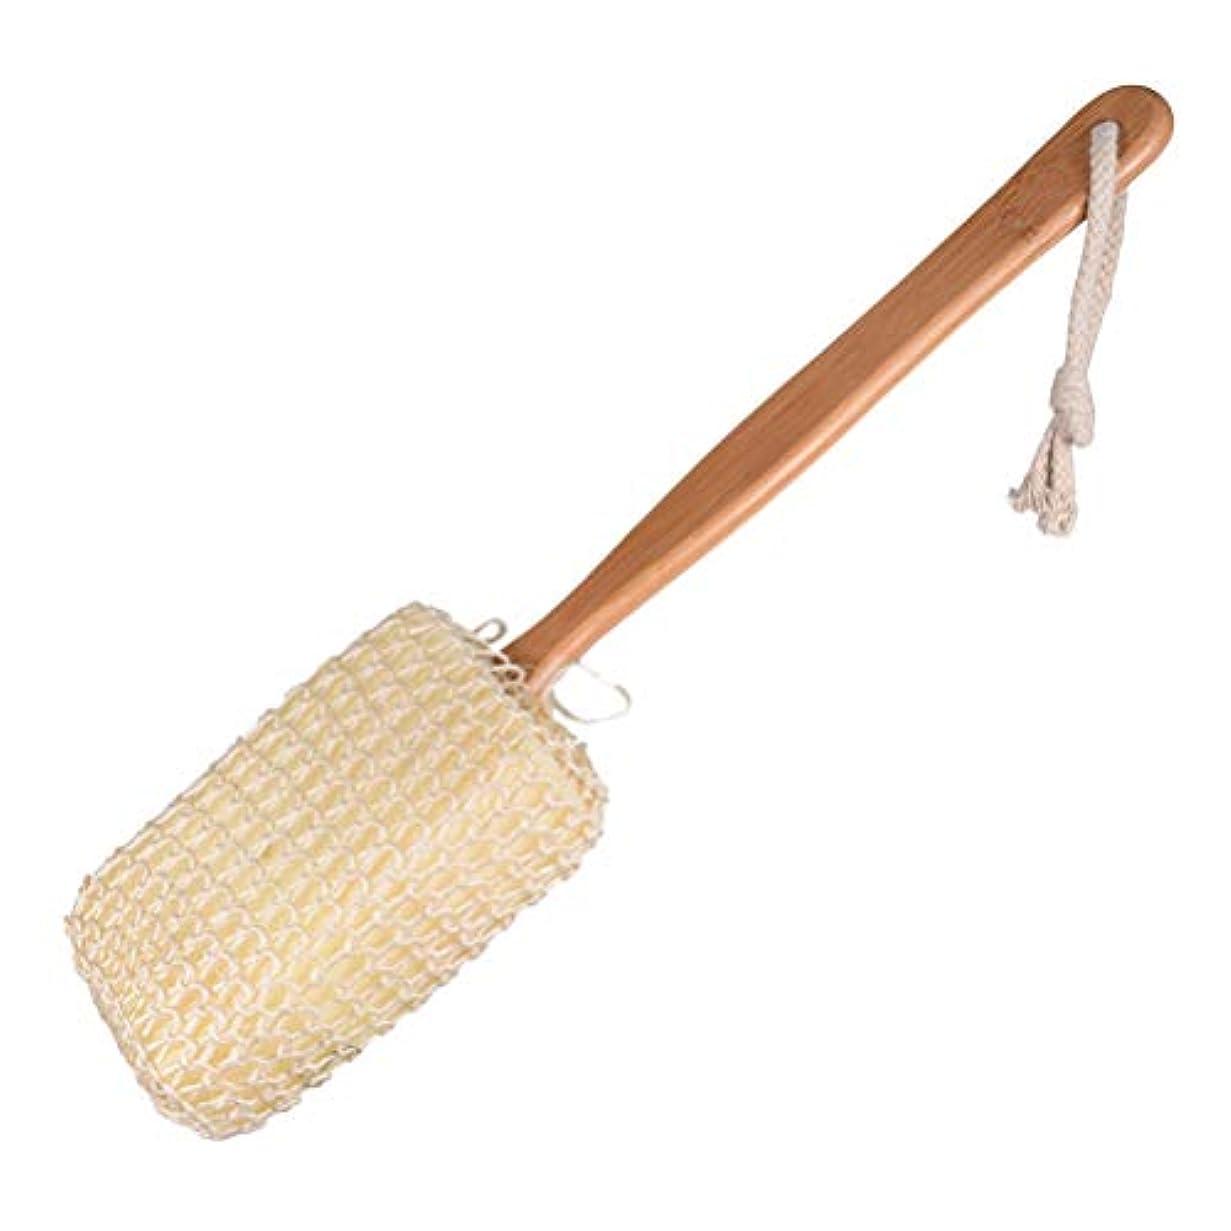 郵便屋さん合法ロープYardwe ドライブラッシングボディーブラシナチュラルサイザルスポンジ取り外し可能な長い木製の竹のハンドル死んだ皮膚はセルライトの剥離を助けます